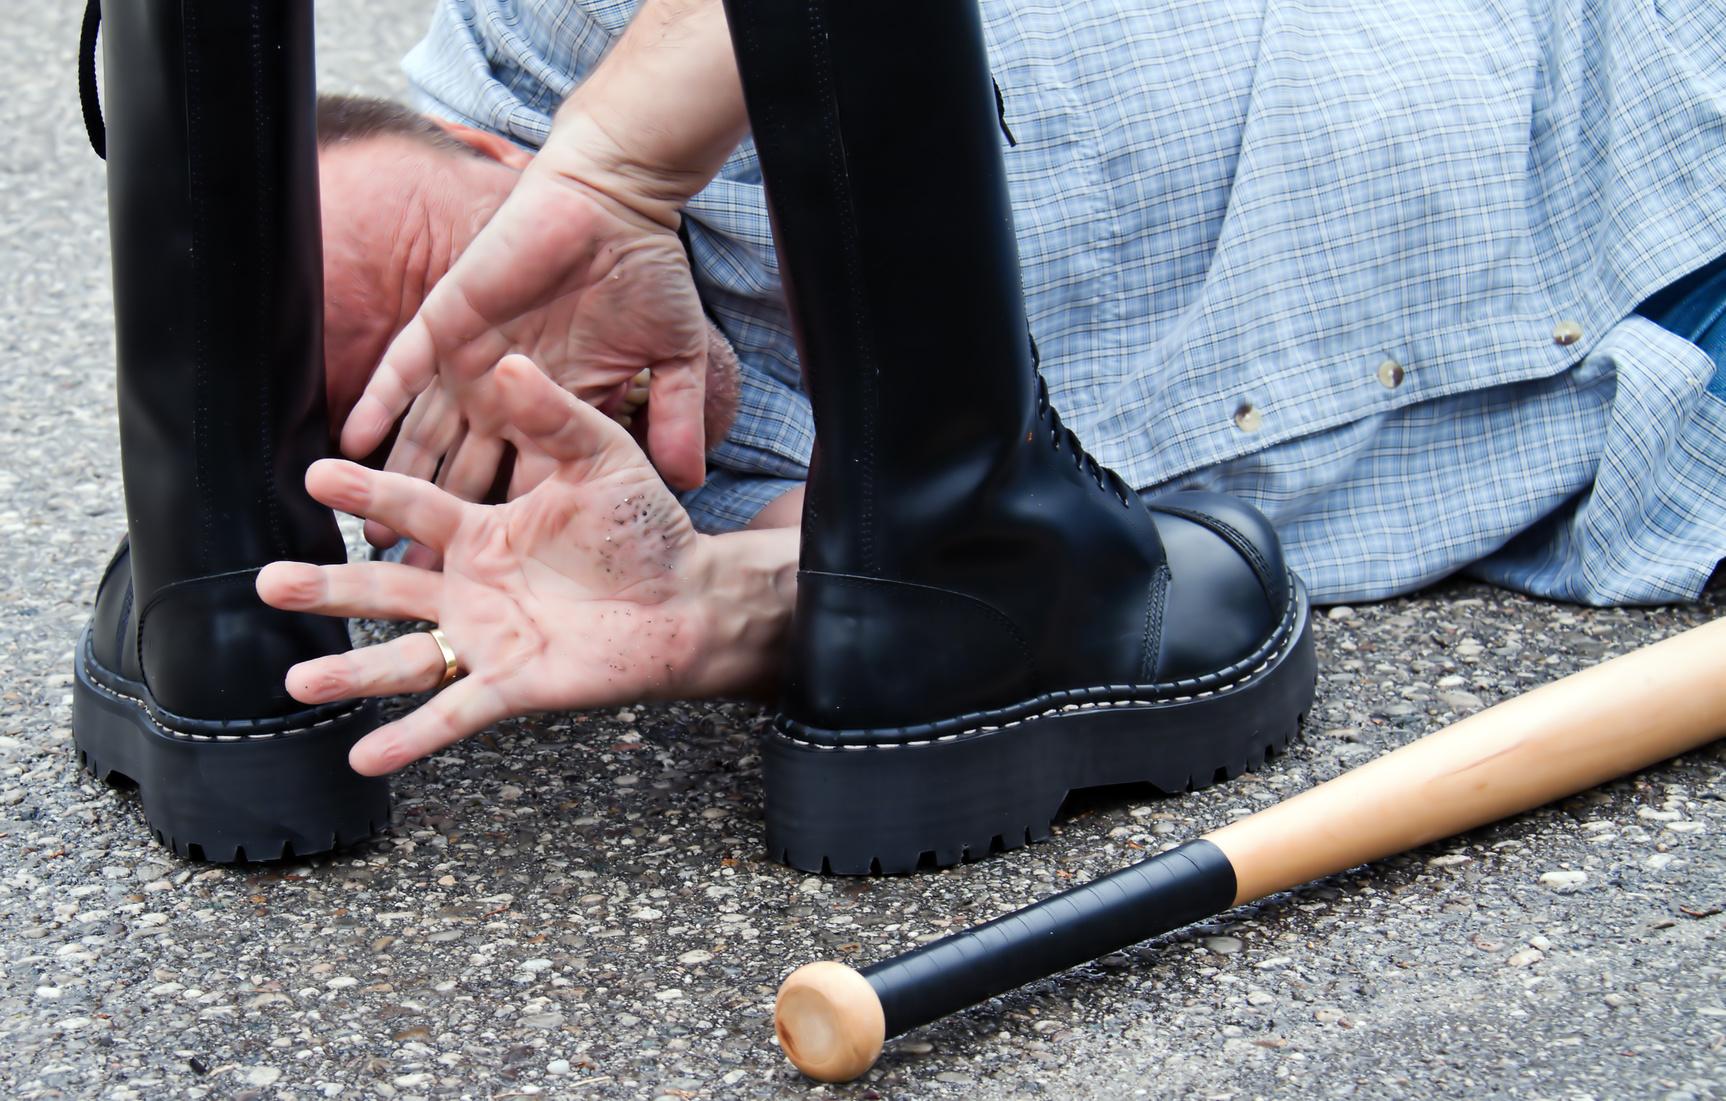 Die Mitarbeiter haben Angst vor ihm: Neonazi muss nicht zum Arbeitsamt